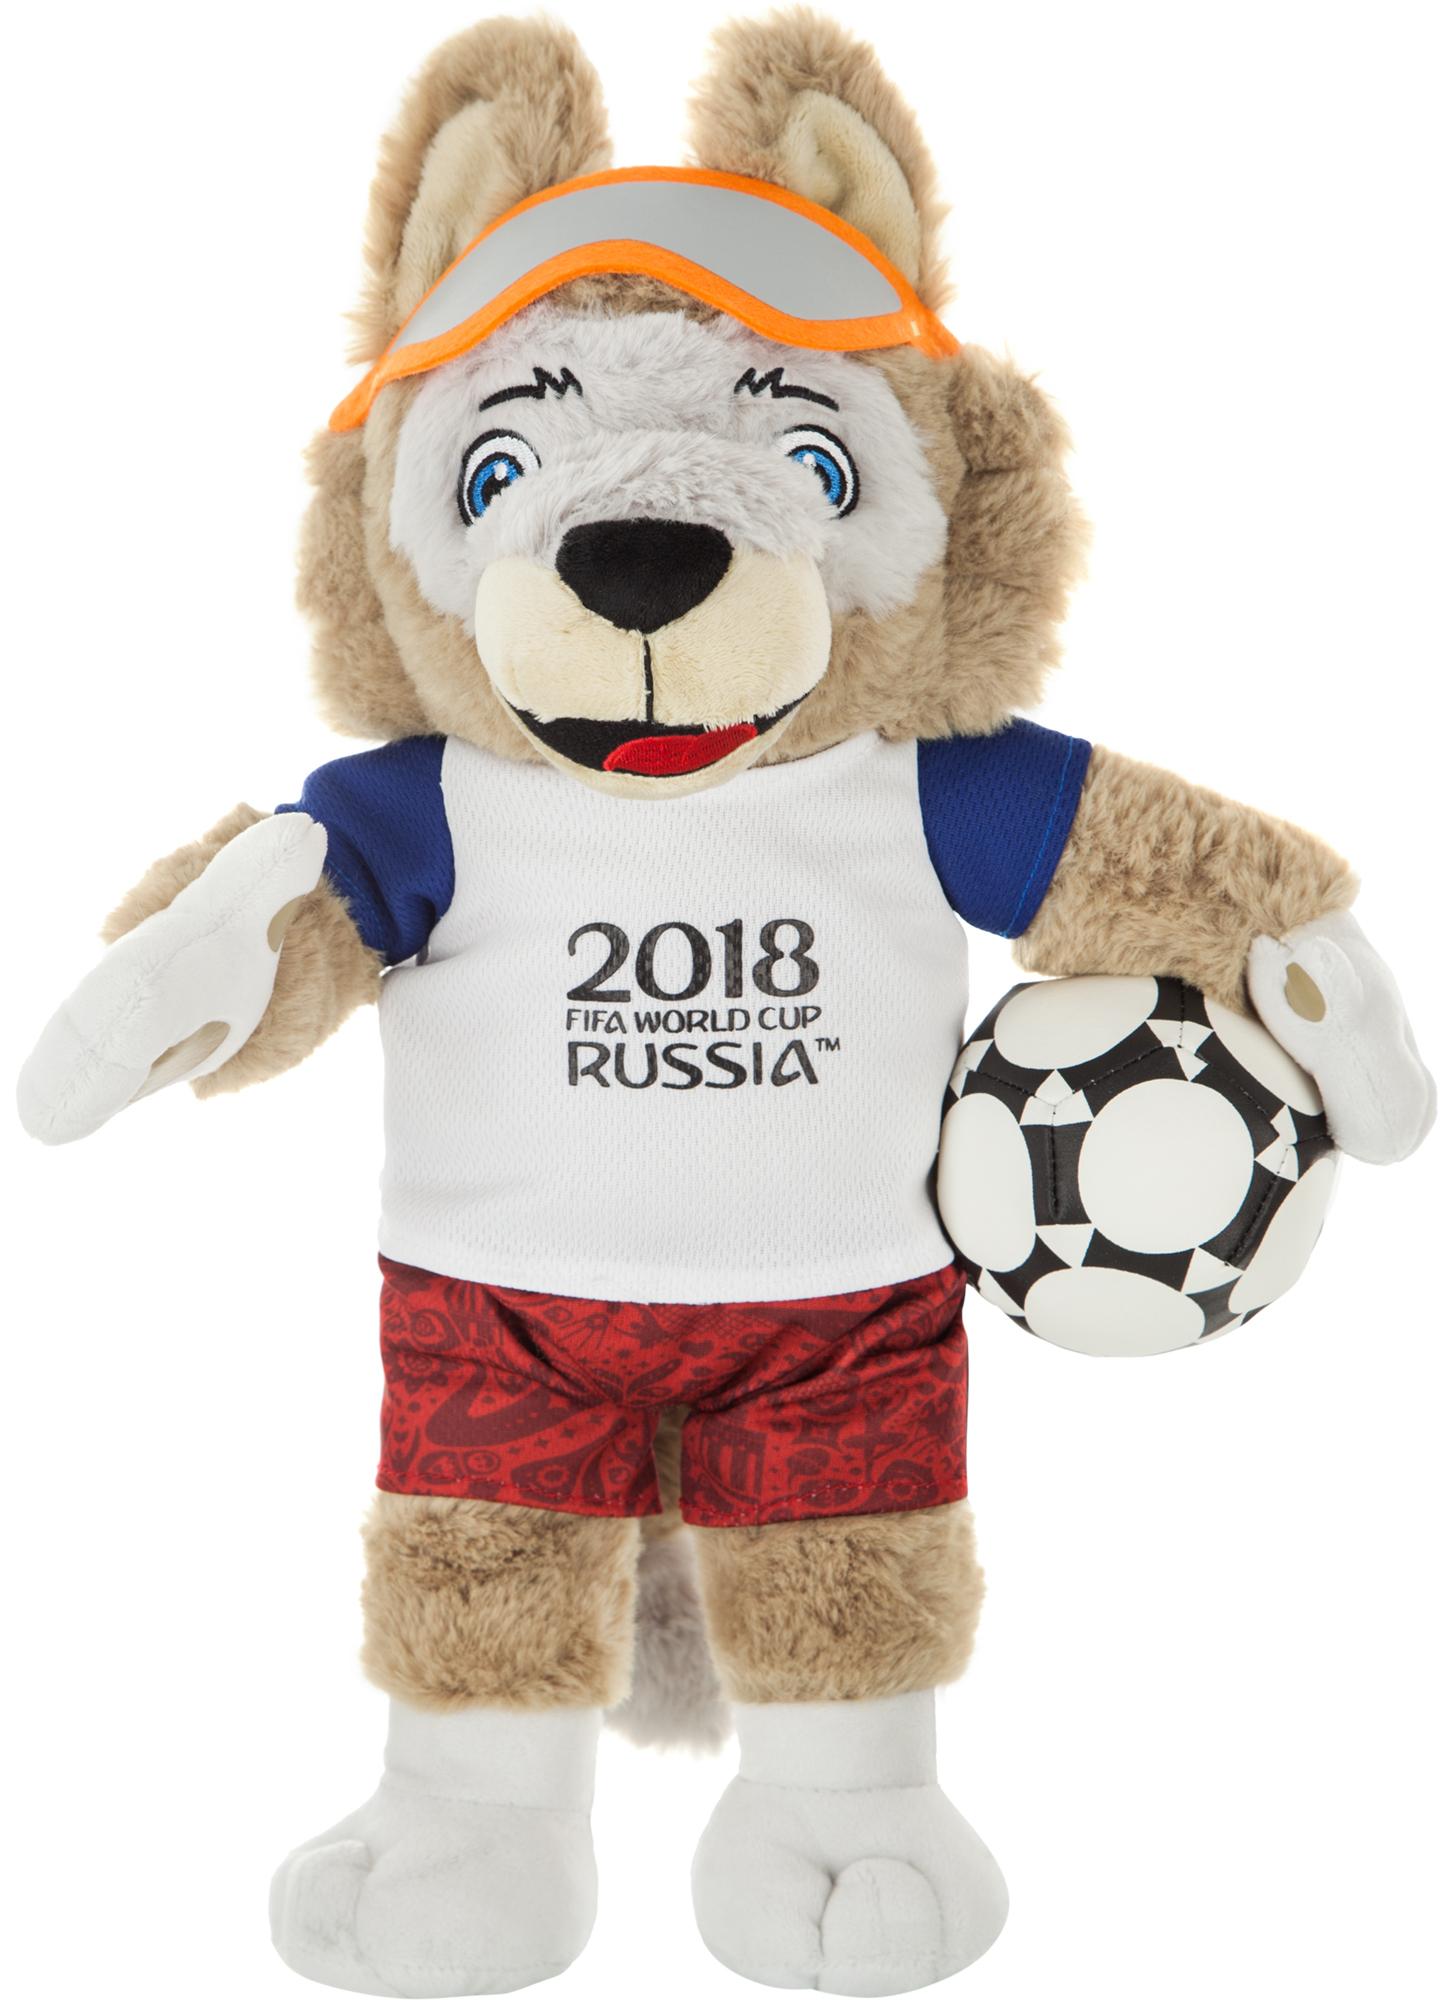 no brand Игрушка Волк Забивака 2018 FIFA World Cup Russia™, 40 см наклейки детские panini наклейки panini road to 2018 fifa world cup russia tm